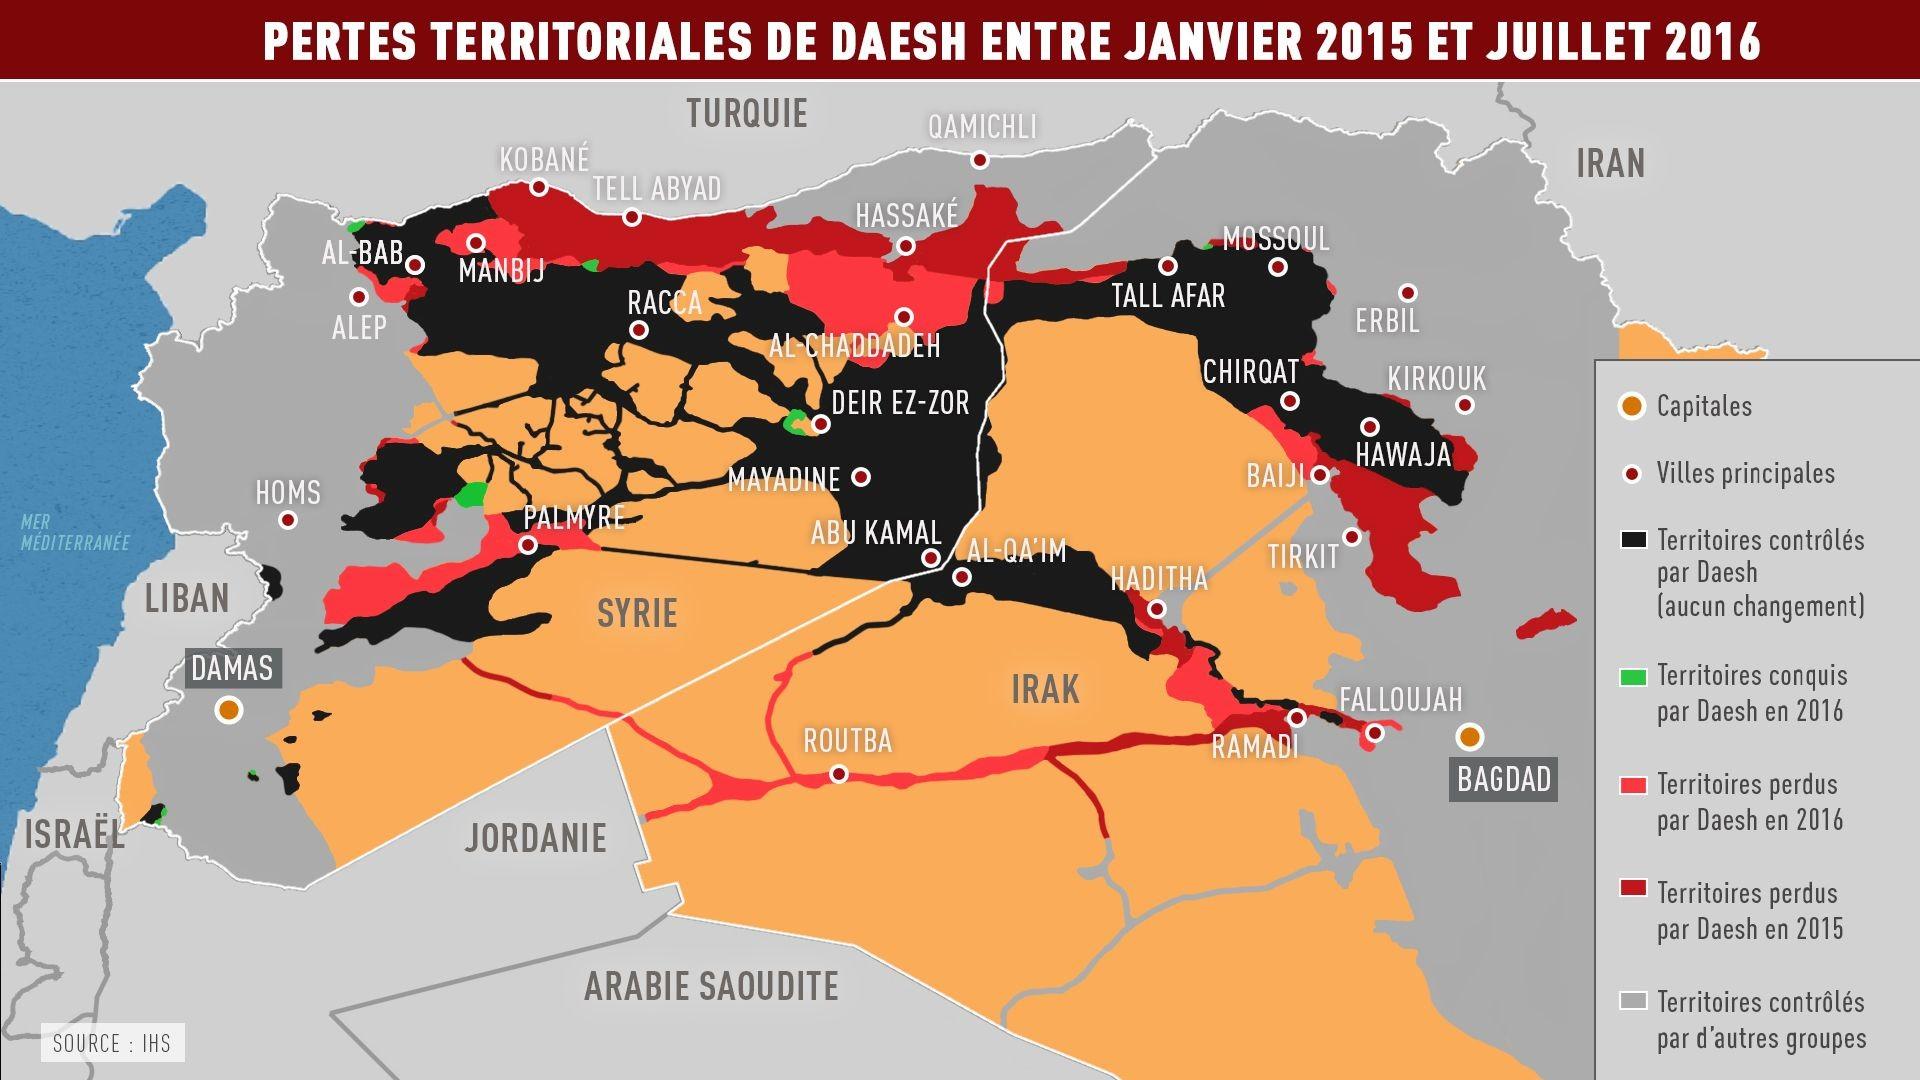 Daesh a perdu plus de 30% des territoires conquis en Irak et en Syrie (CARTE)